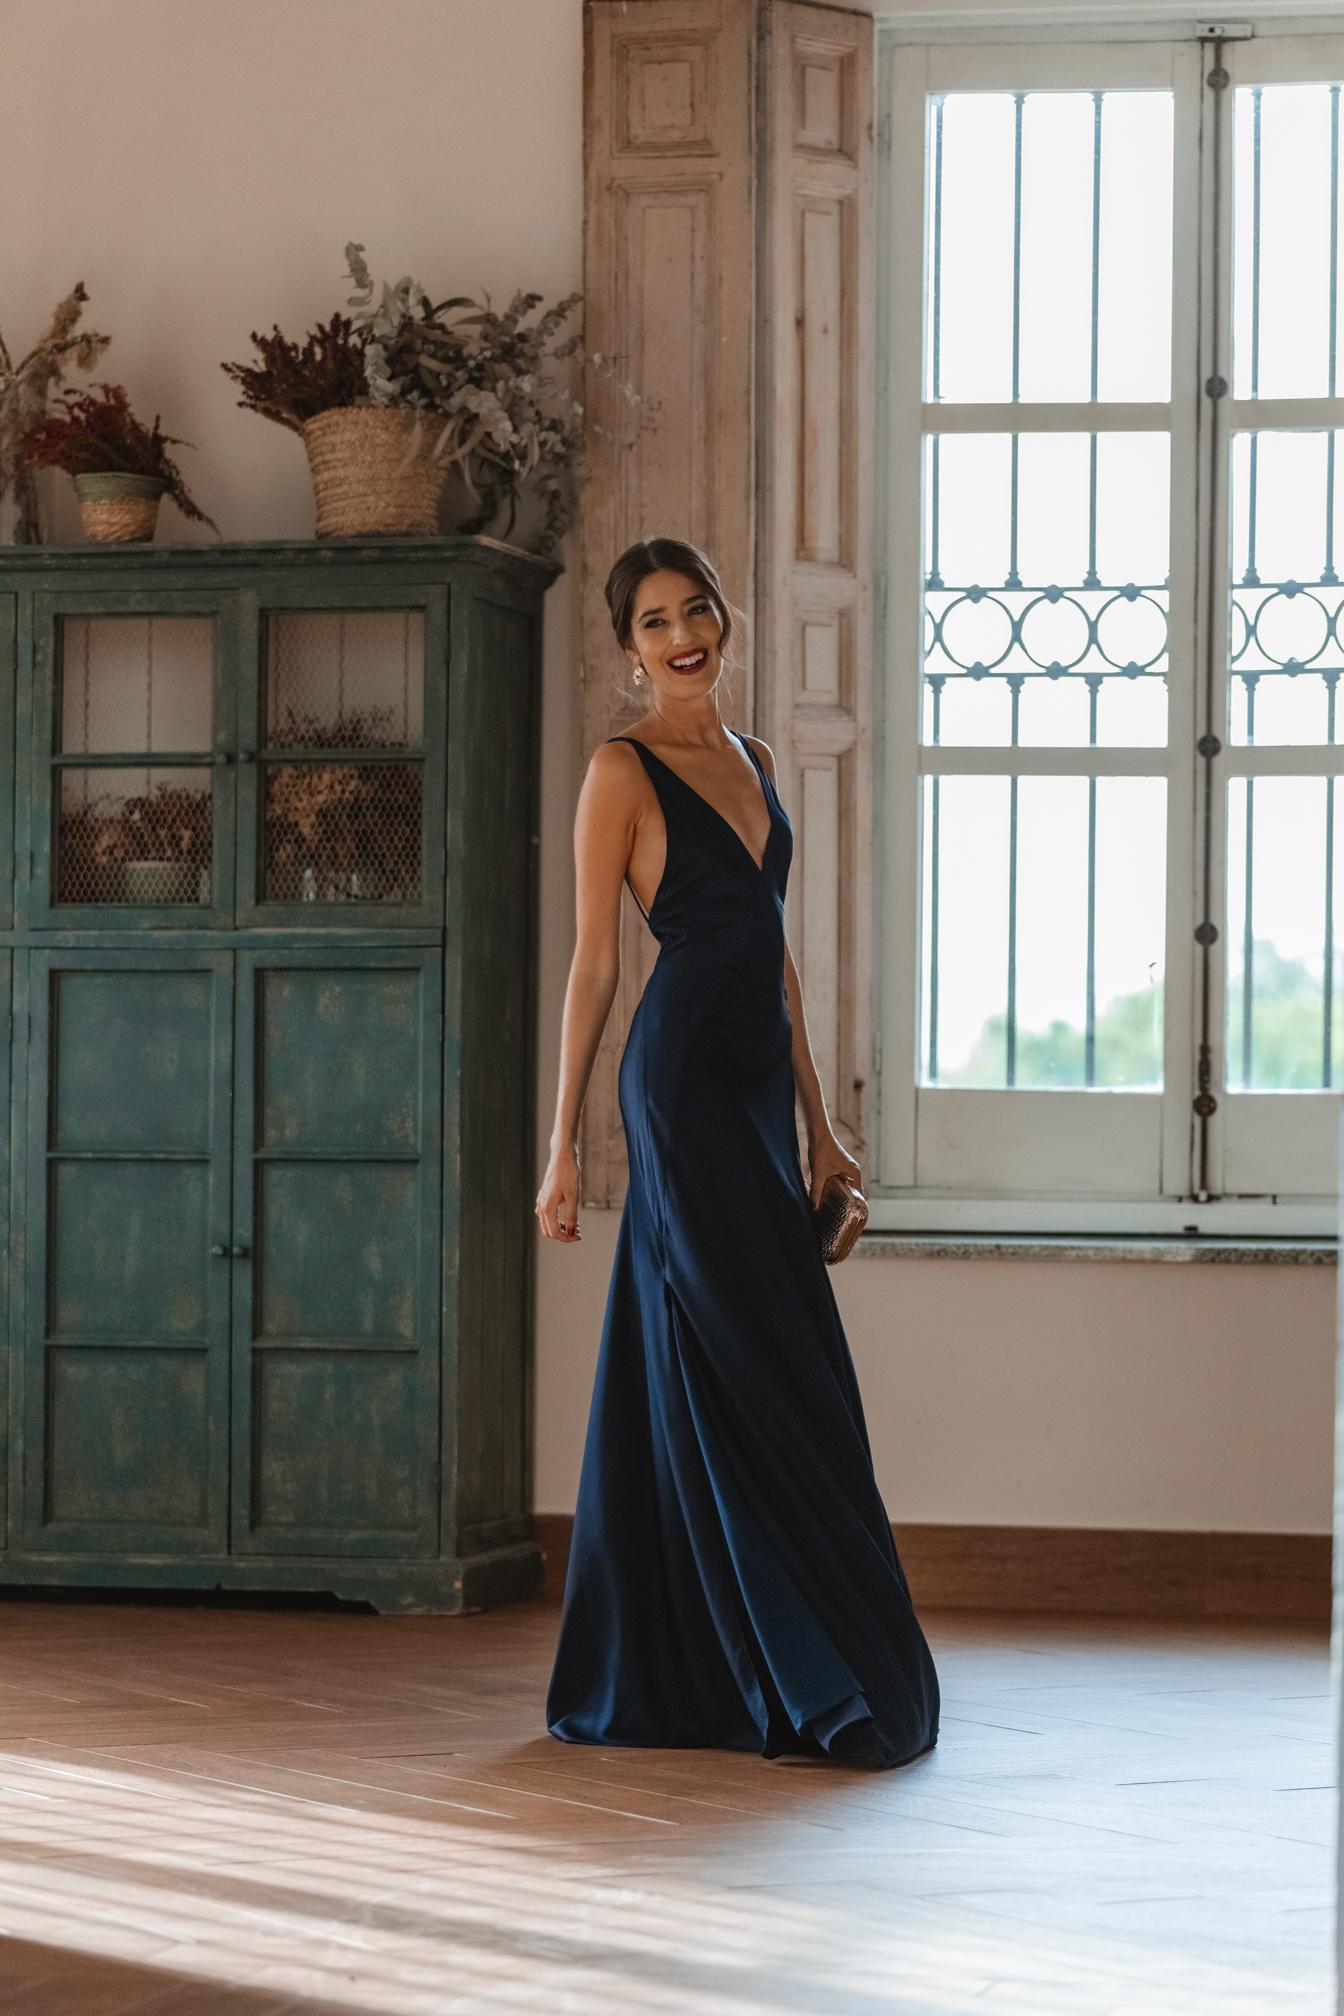 vestido largo invitada boda 2021